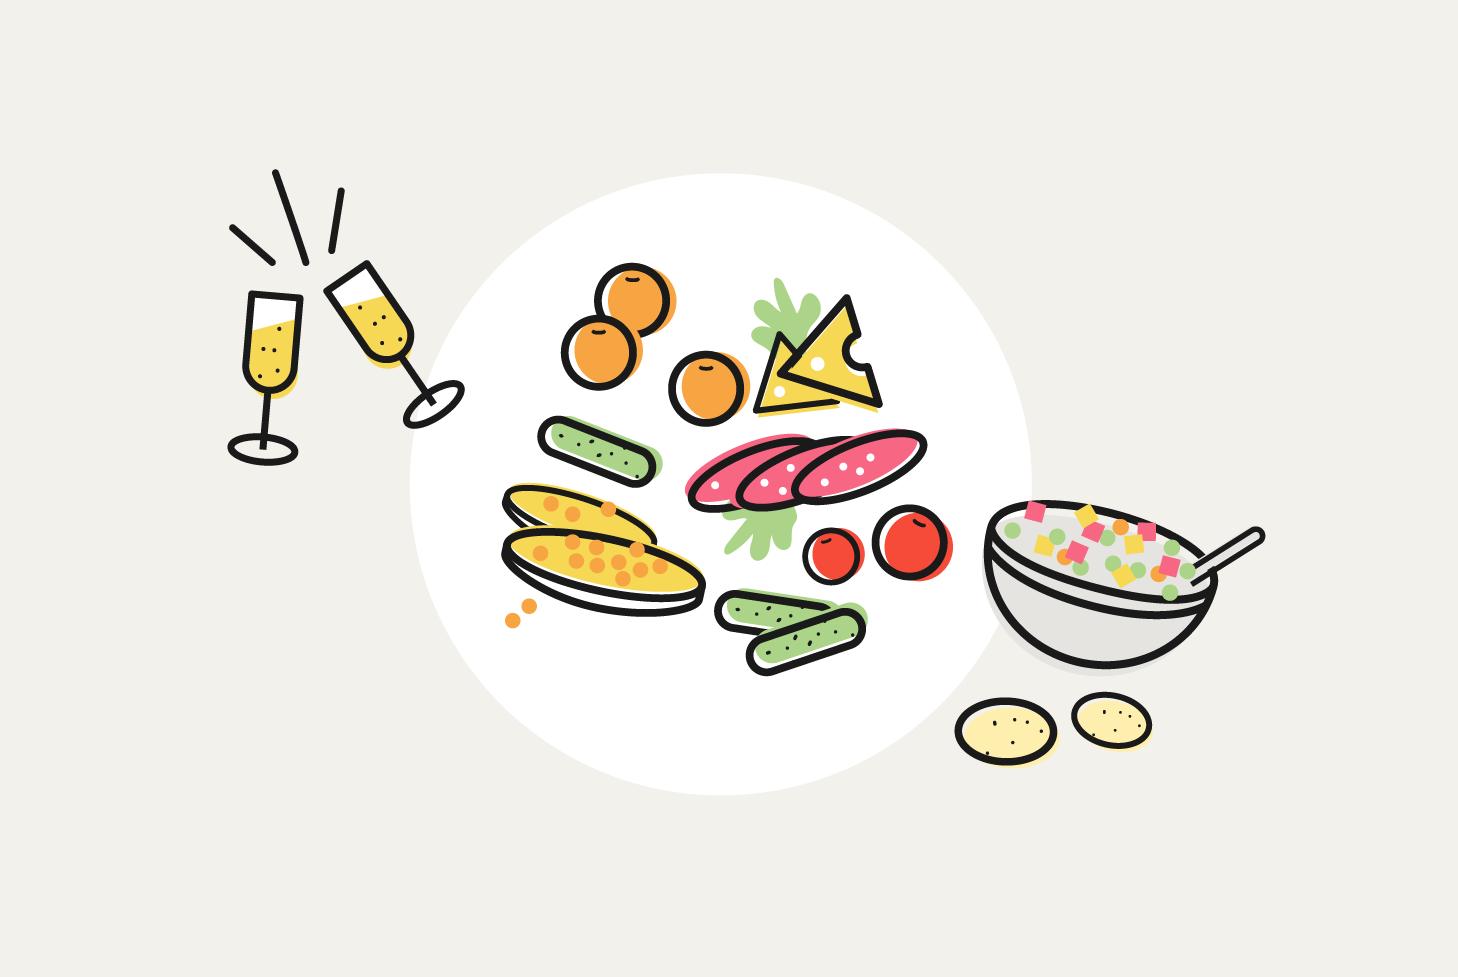 Во сколько петербуржцам обойдется новогодний стол в 2017 году и как изменились цены игристого вина иоливье — в одной иллюстрации